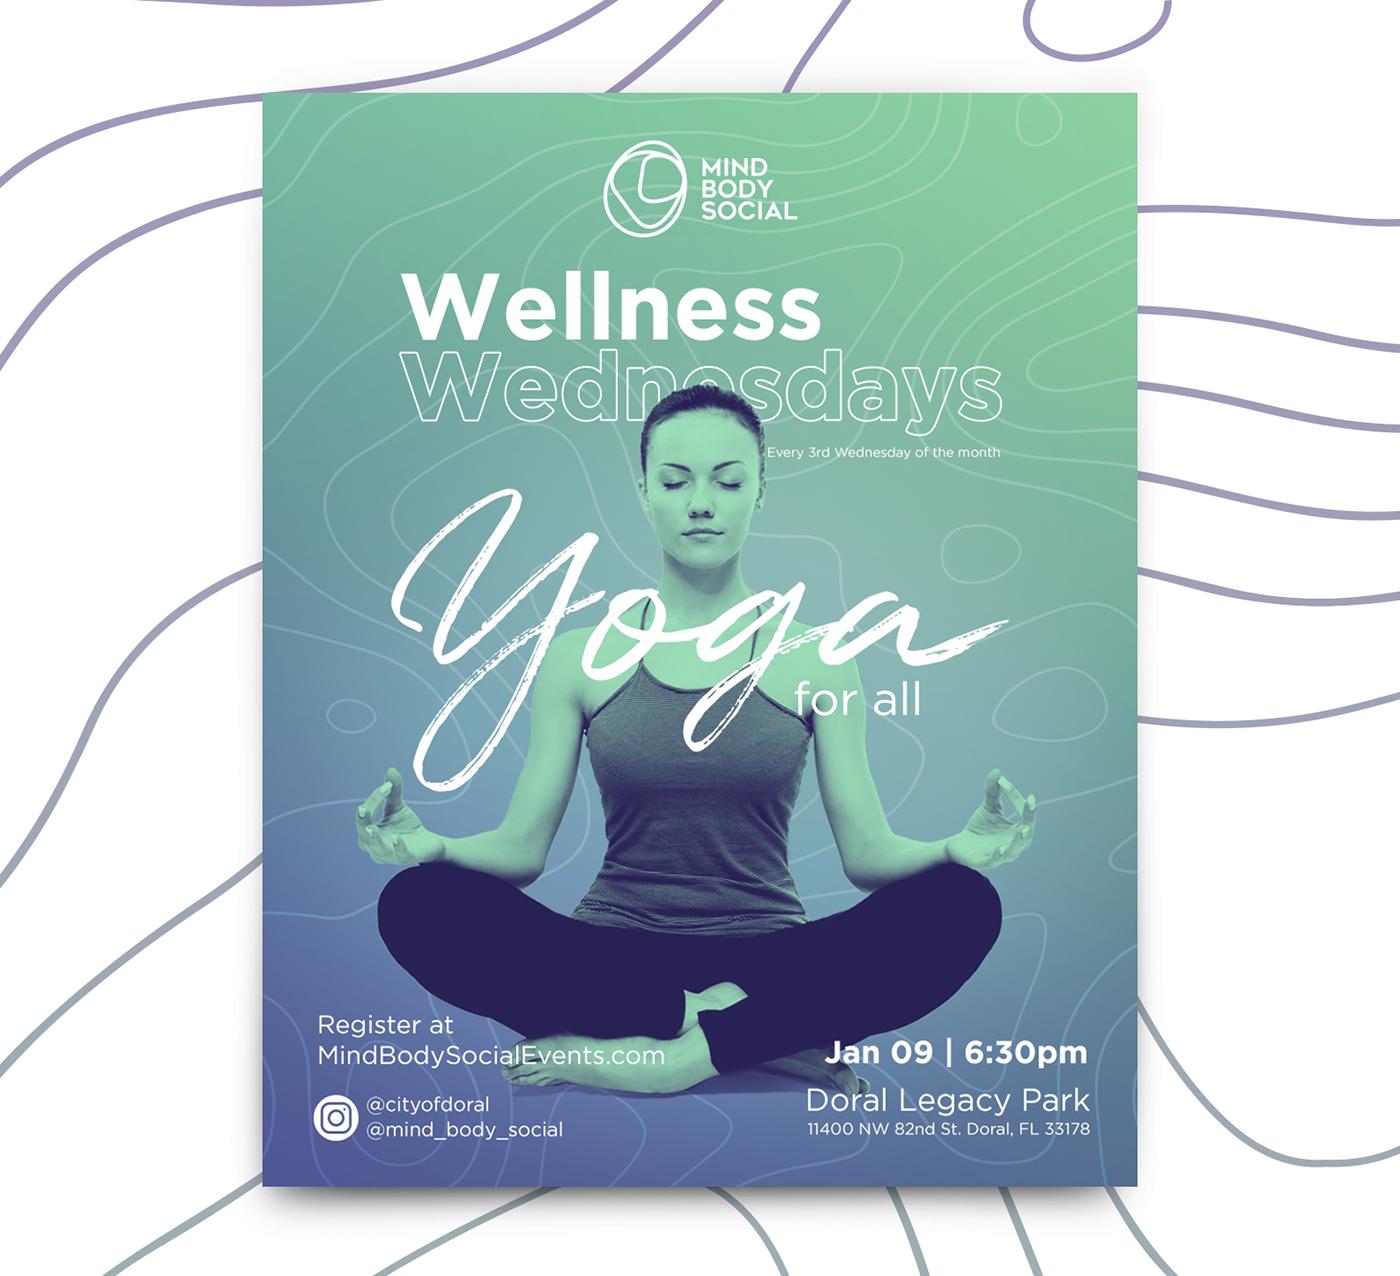 Echa Un Vistazo A Este Proyecto Behance Wellness Wednesdays Https Www Behance Net Gallery 74064335 Wellness Wedne Wellness Wednesday Yoga For All Wellness